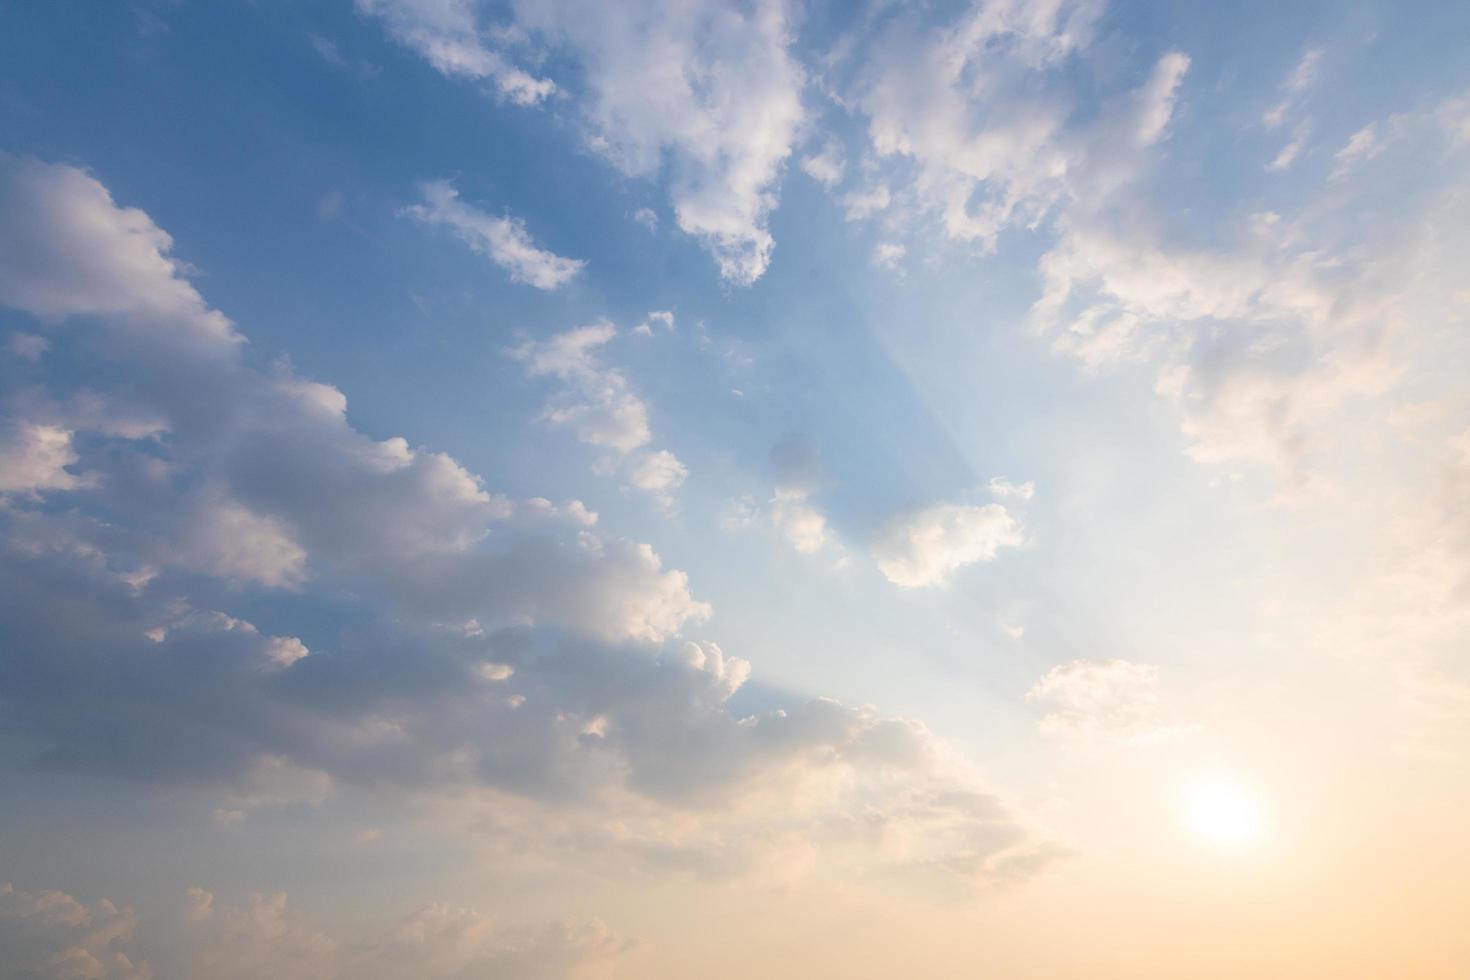 fond de ciel et nuages au coucher du soleil photo